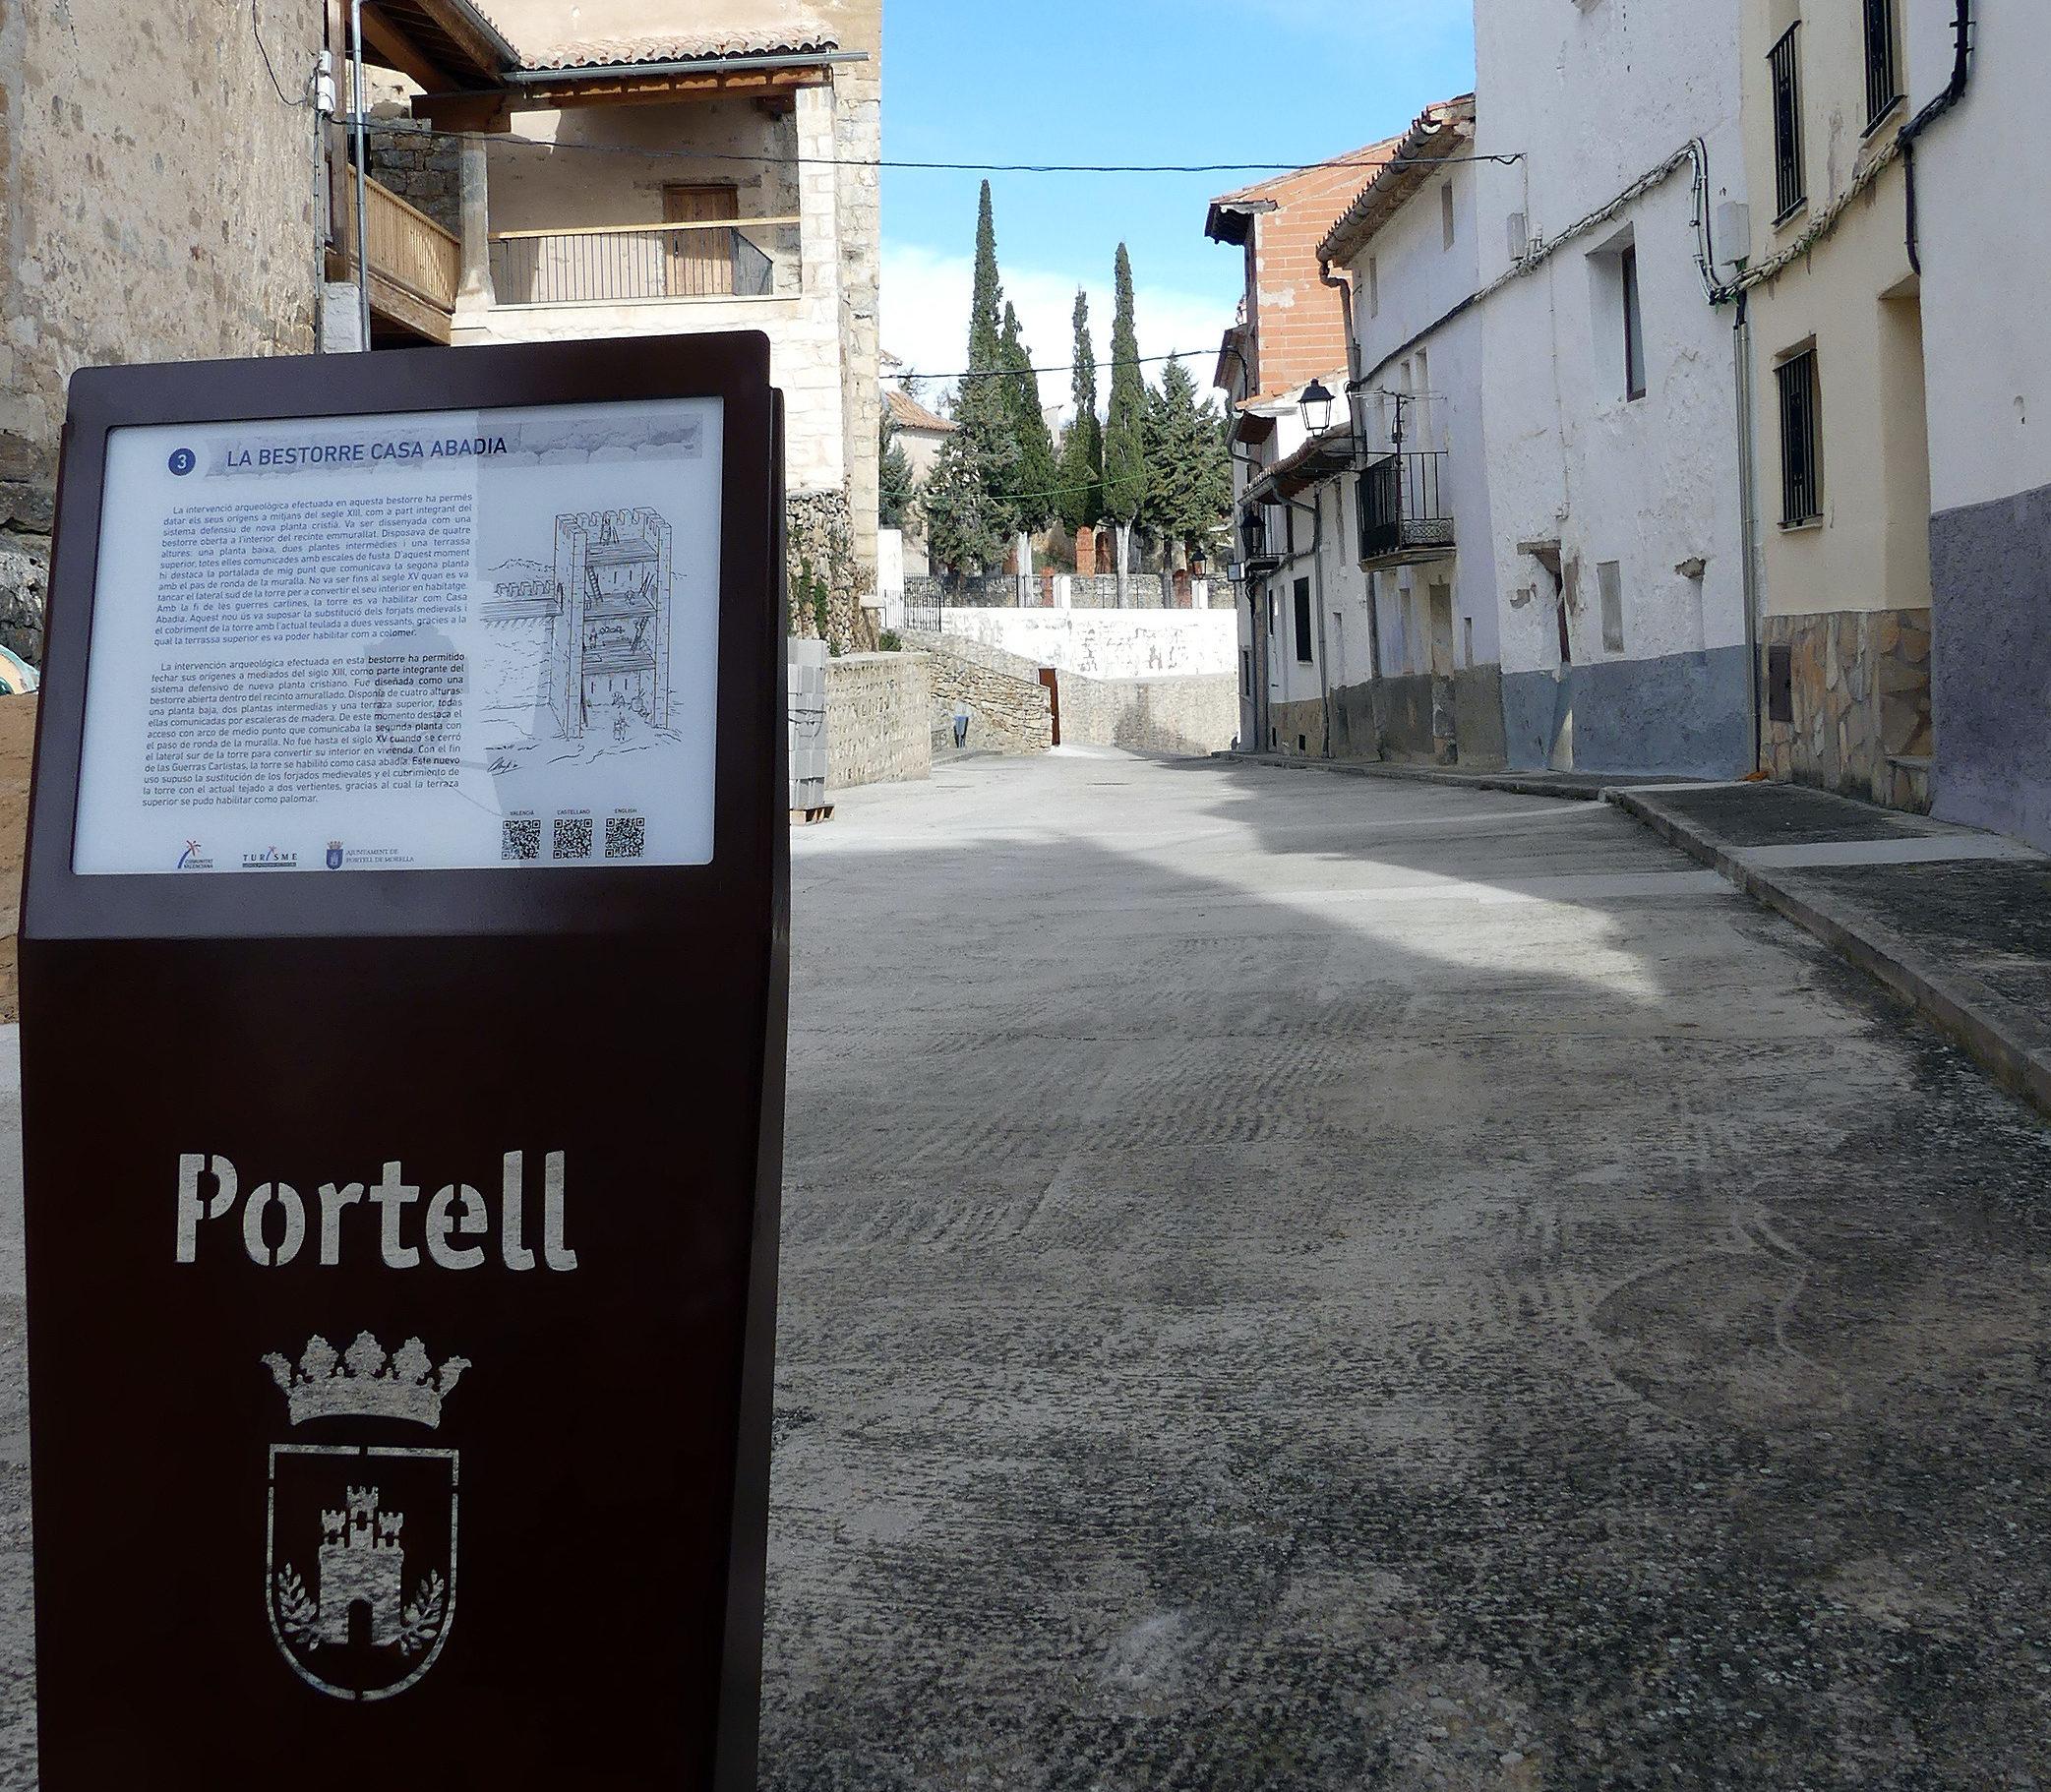 Portell instal·la audioguies que potencien l'encant de les torres i muralles de l'edat mitjana